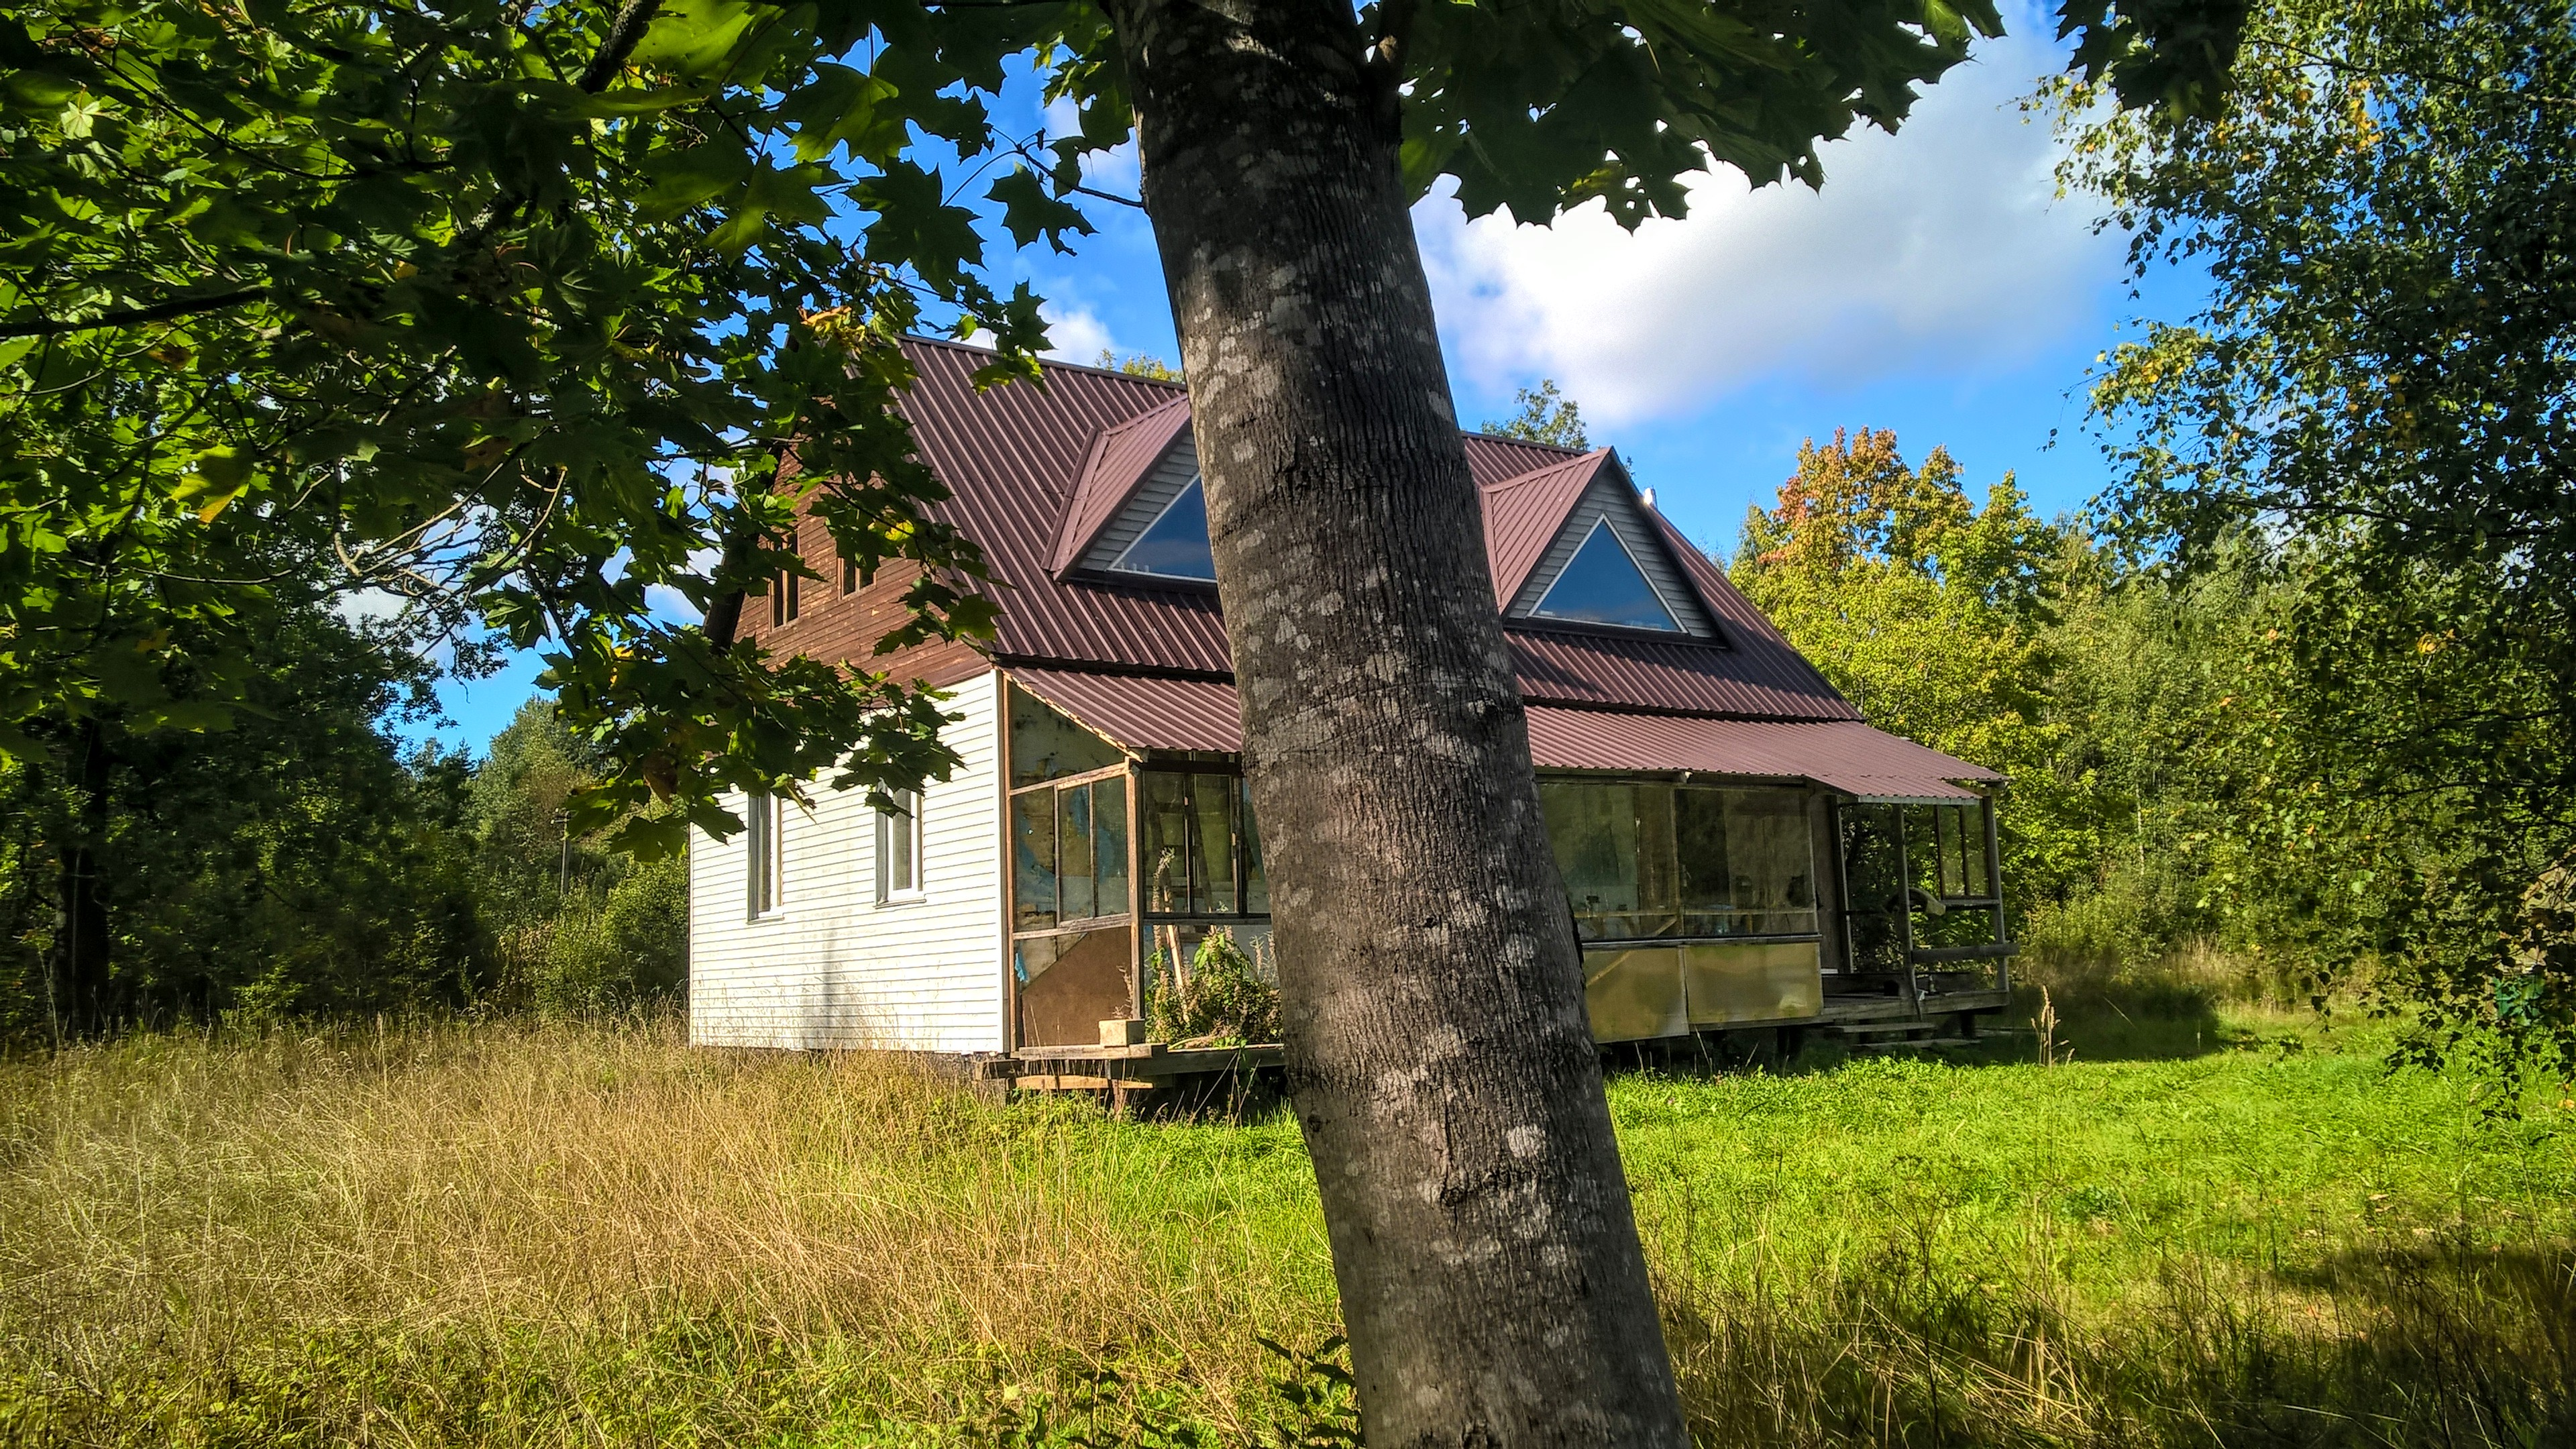 Жилой дом на хуторе, своя газовая ветка, 7 гектар земли